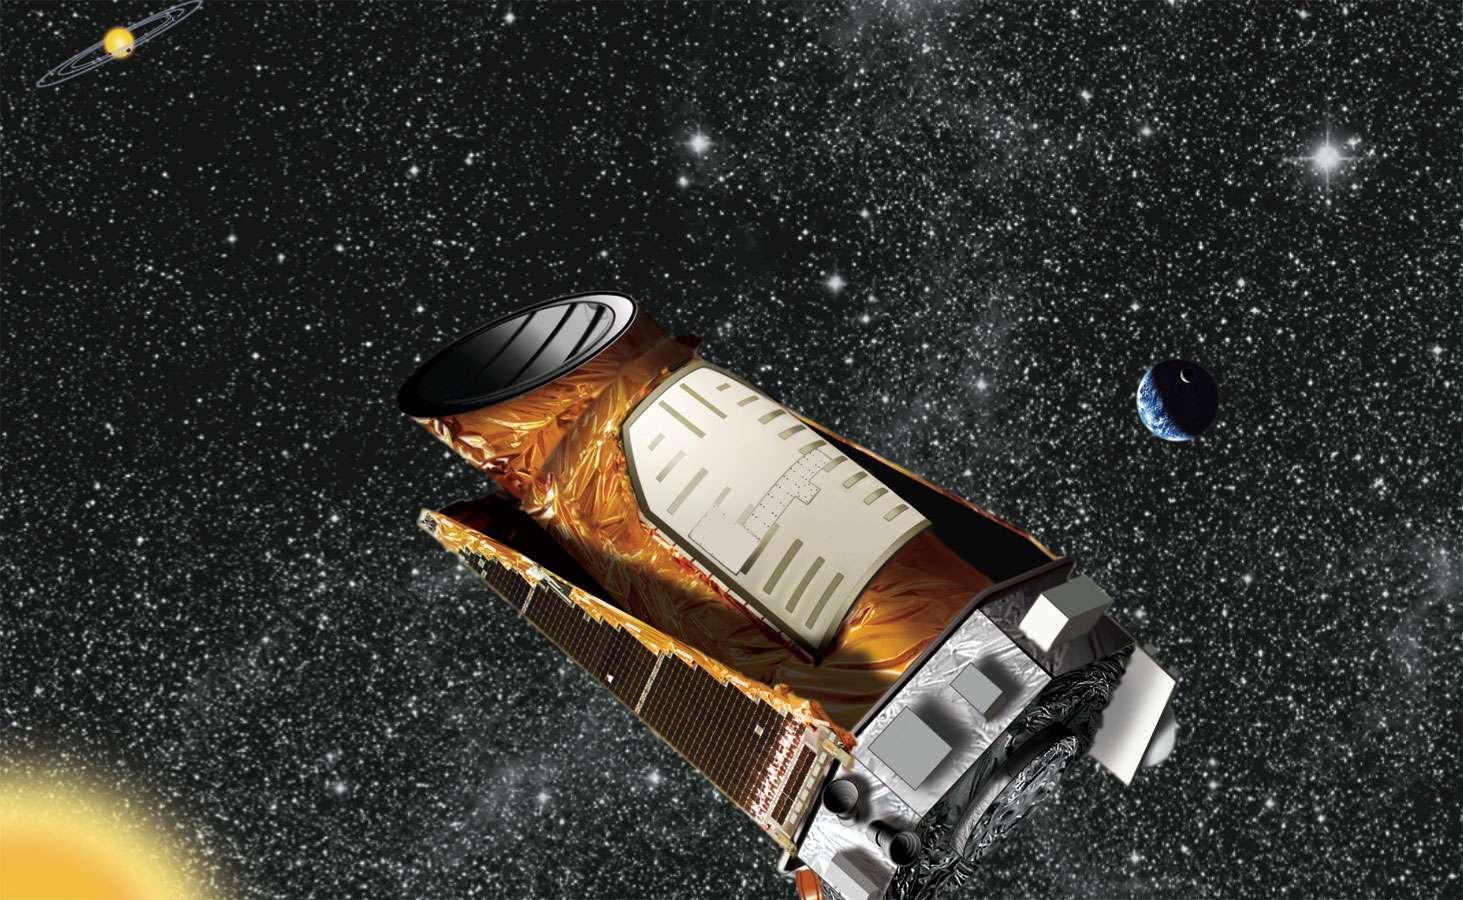 Représentation d'artiste du télescope Kepler. La centaine de milliers de courbes de lumière qu'il a collectée révélera peut-être de nouvelles exoplanètes grâce à la méthode utilisant l'algorithme Beer. © Wendy Stenzel, Nasa